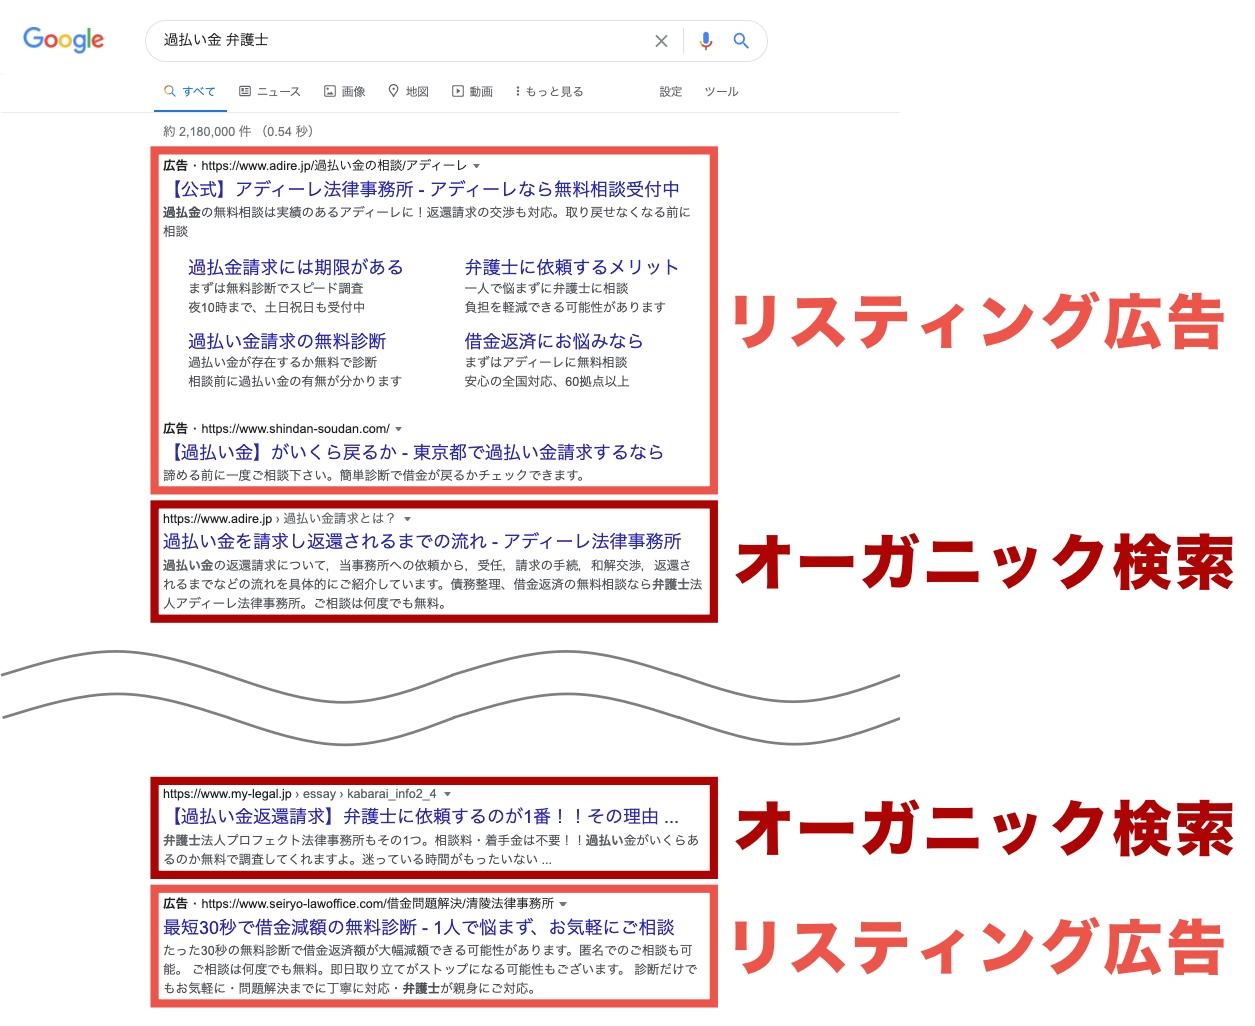 弁護士事務所におけるリスティング広告の掲載箇所